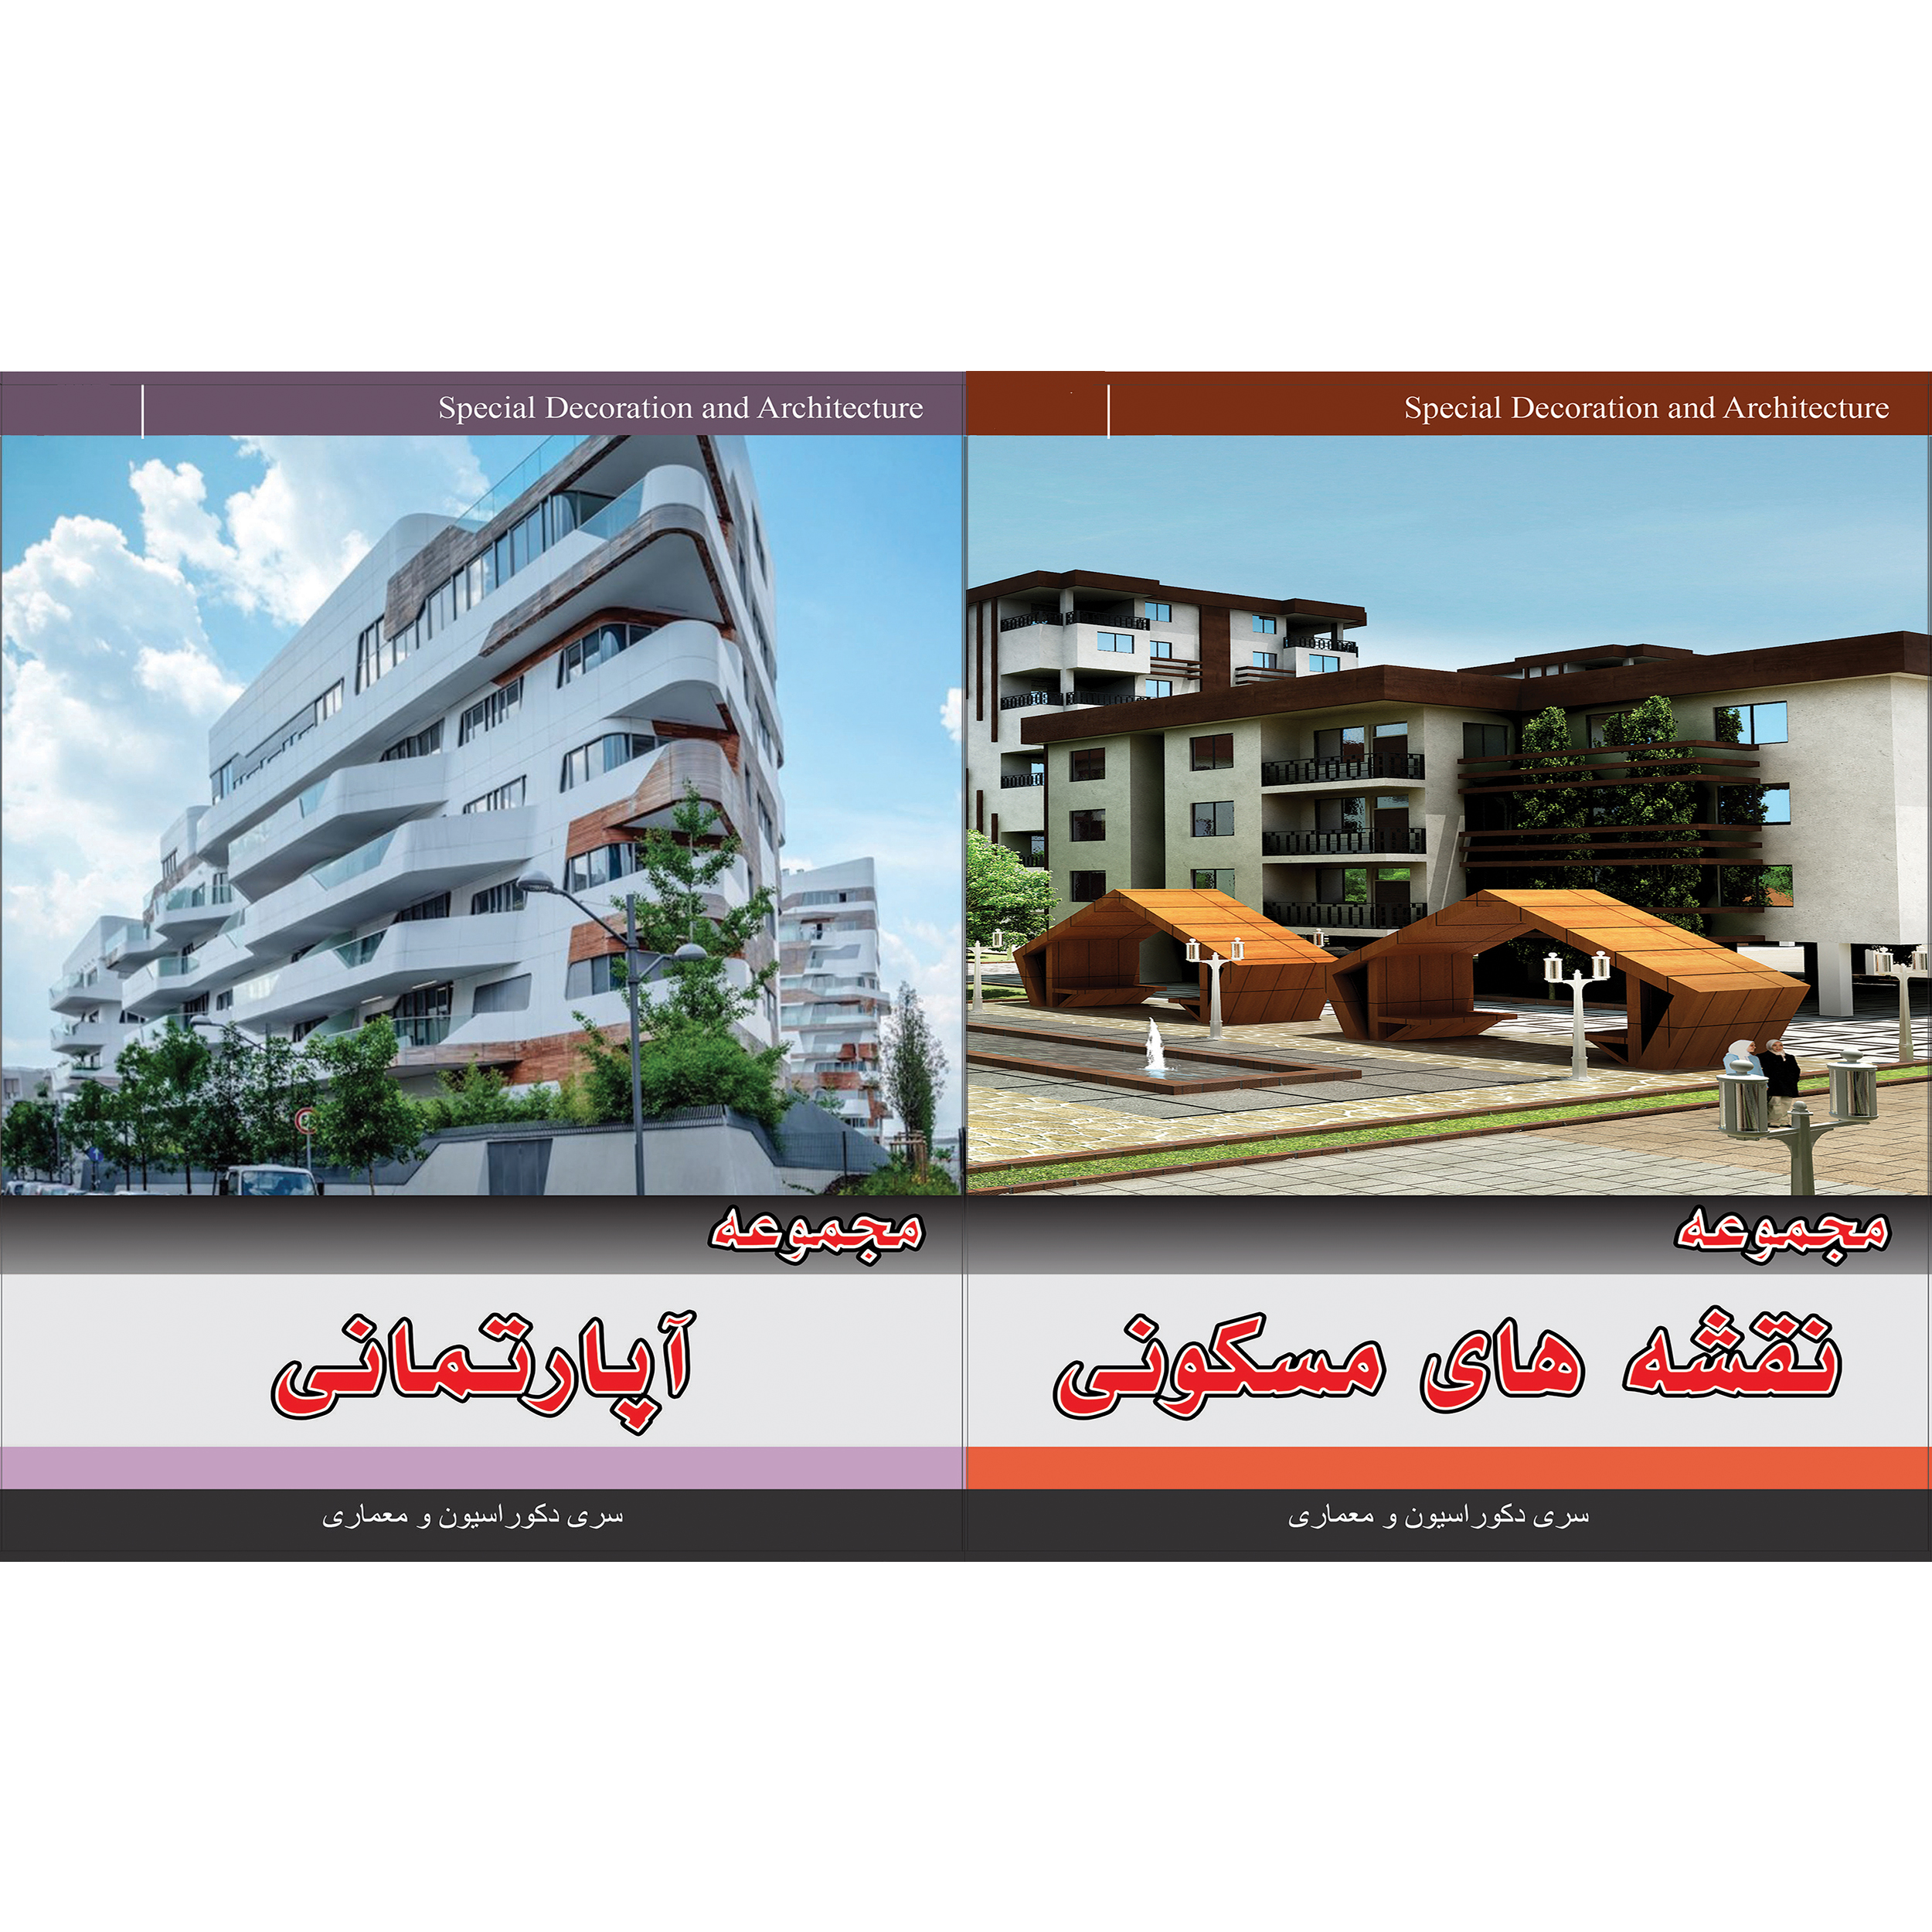 مجموعه نقشه های مسکونی نشر جی ای بانک به همراه مجموعه نقشه های آپارتمانی نشر جی ای بانک